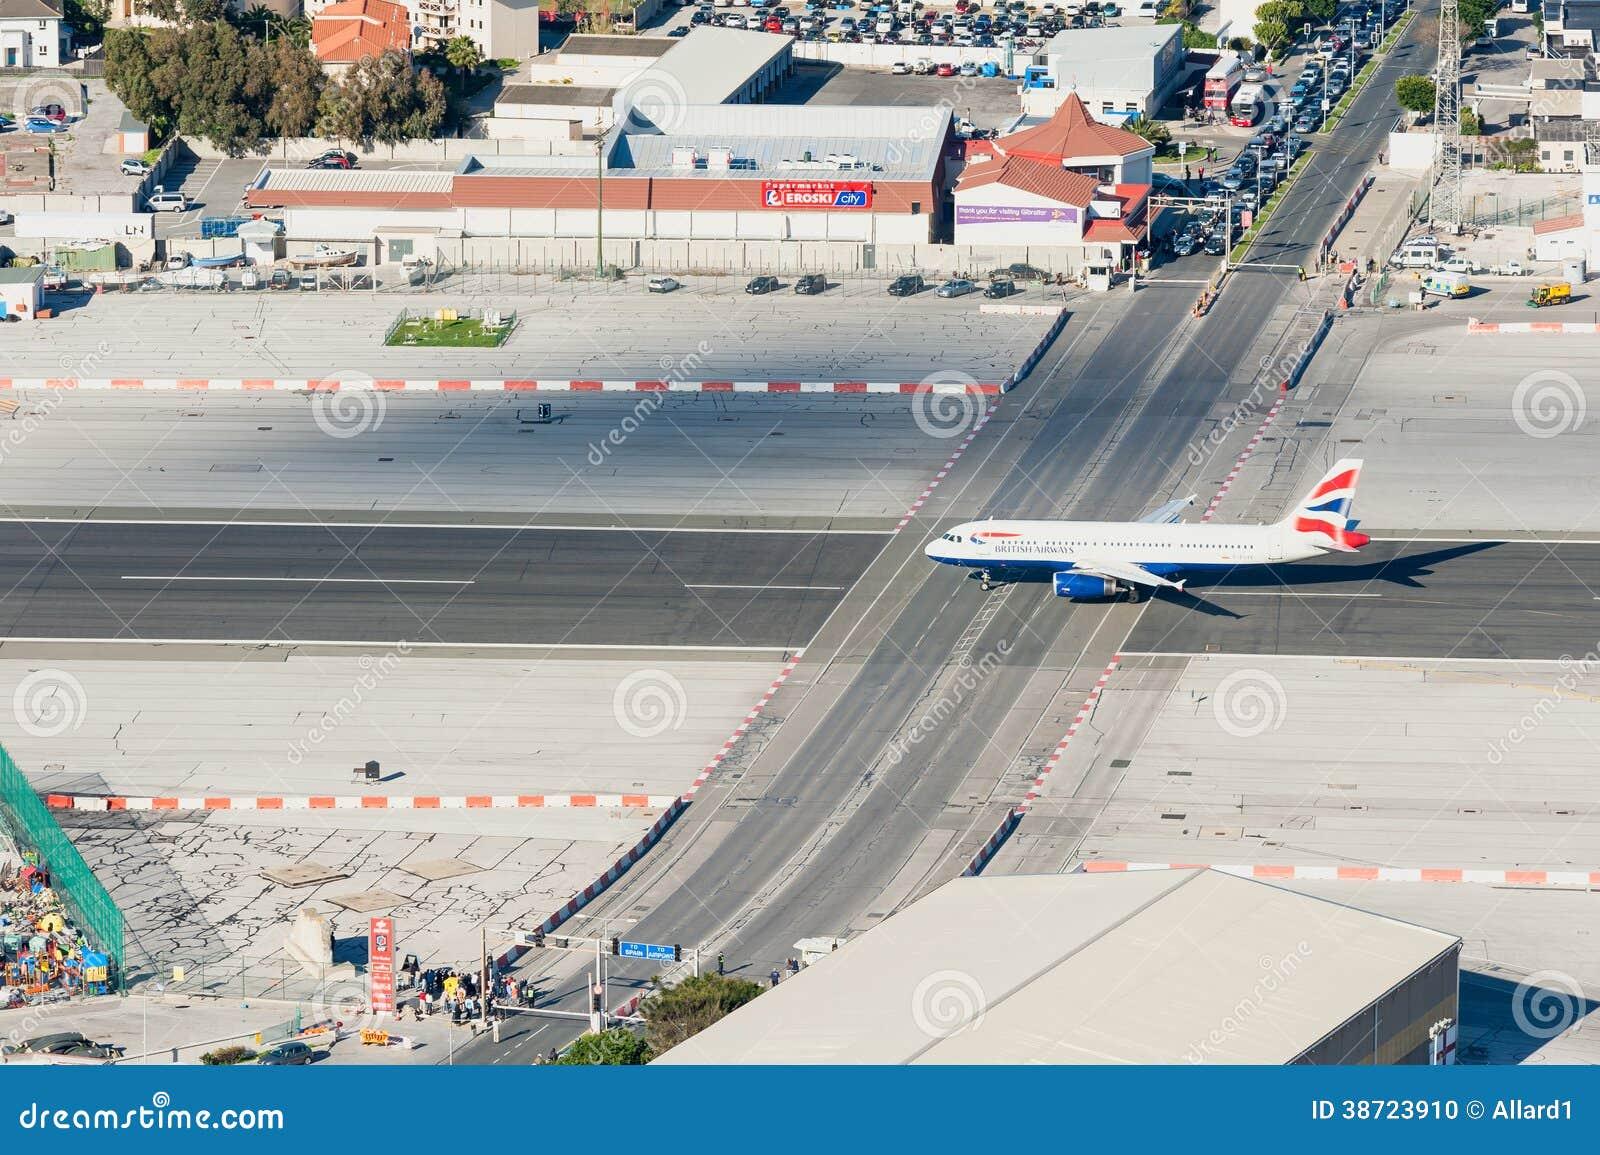 Aeroporto Gibilterra : British airways spiana sulla pista dell aeroporto di